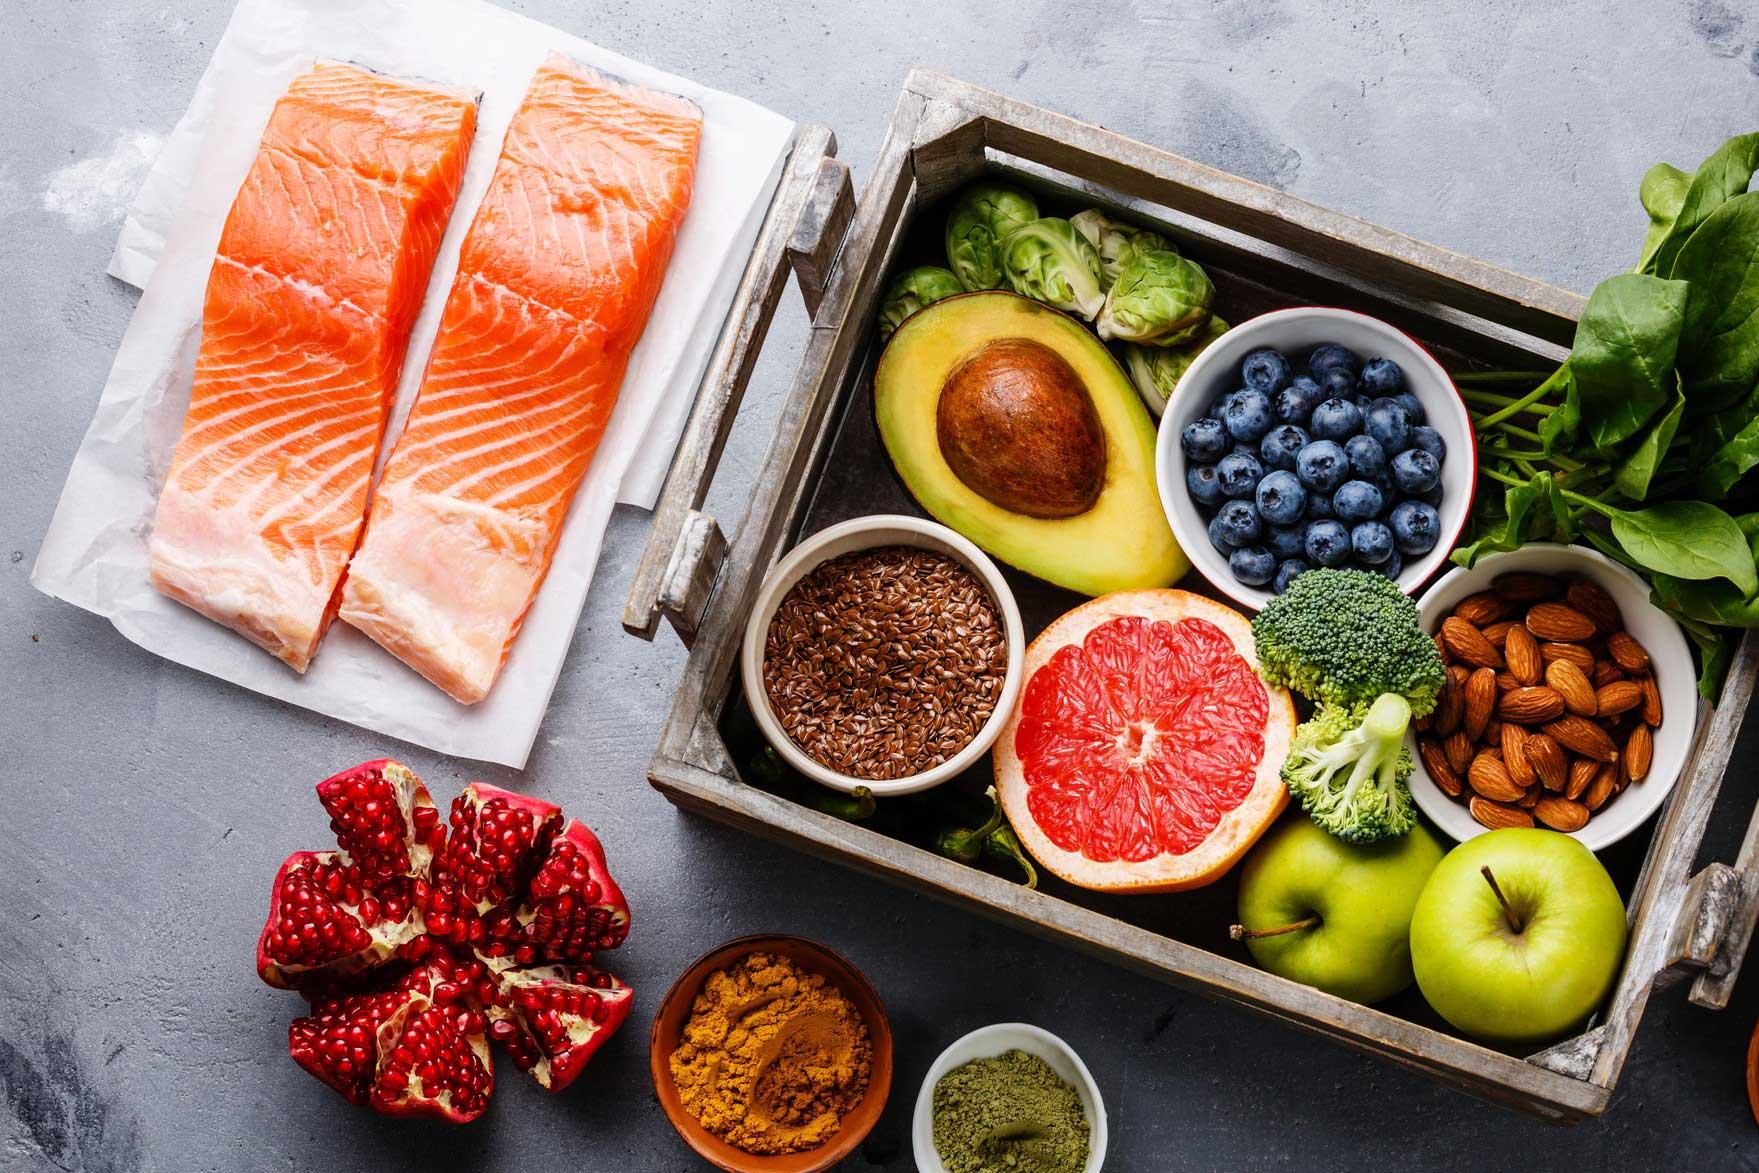 Os 5 melhores alimentos para queimar gordura